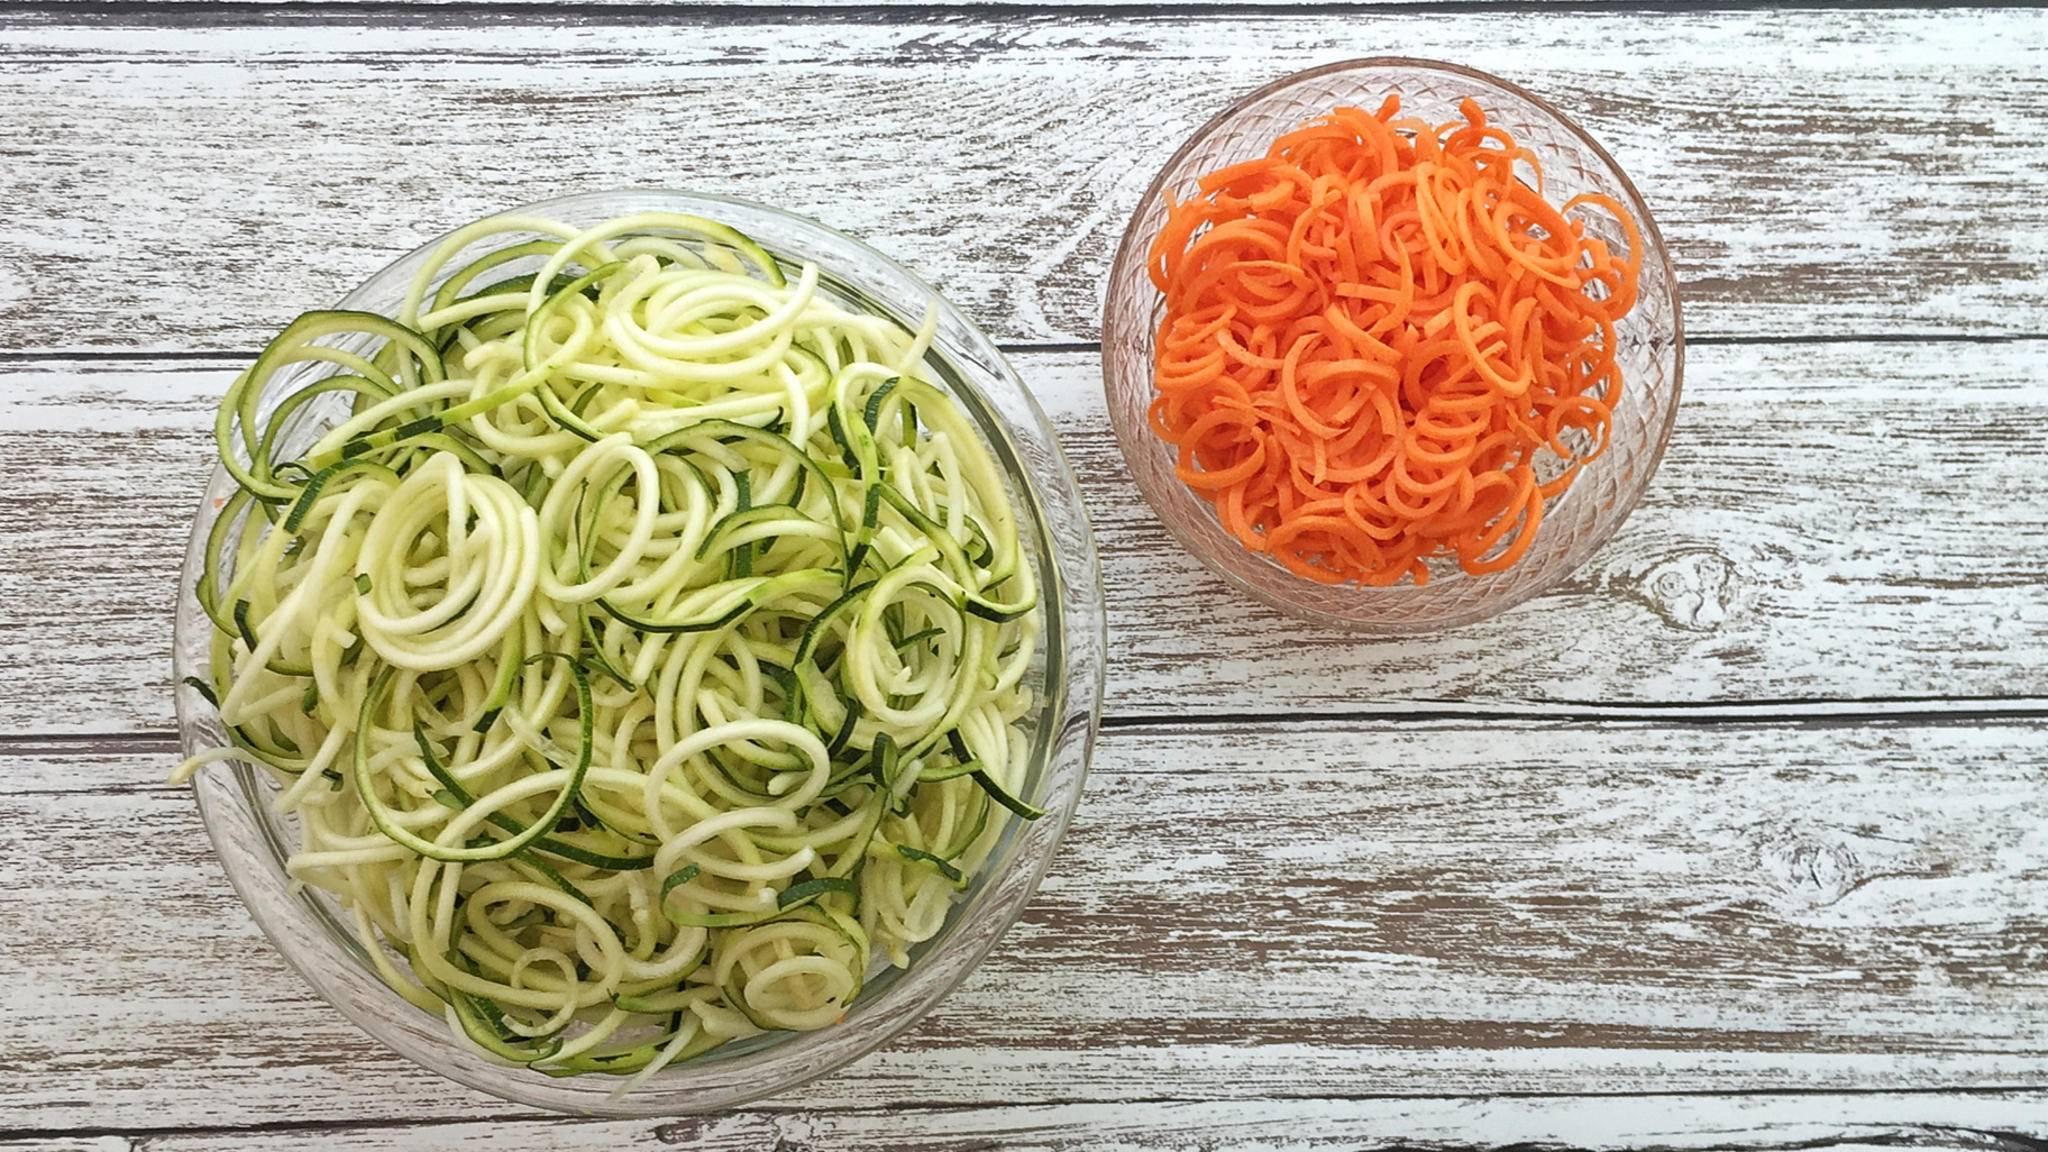 Spiralen aus Zucchini und Karotten sind ein kalorienarmer Ersatz für Pasta.